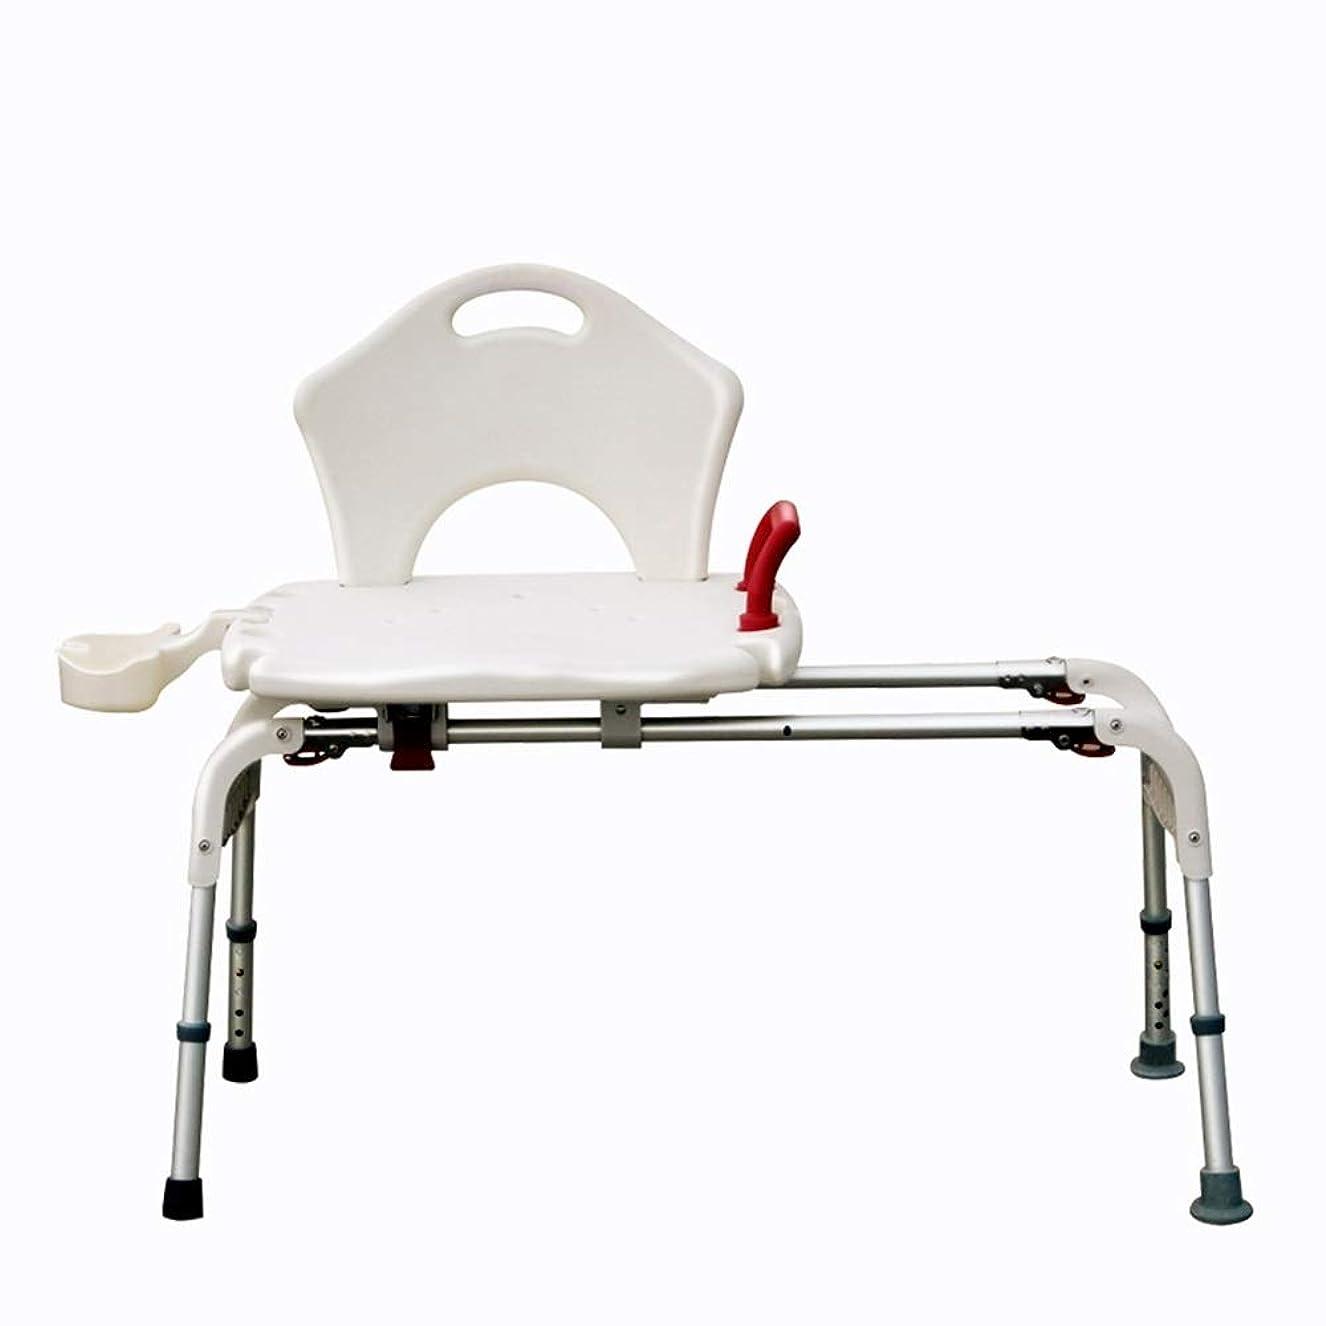 にはまって電気バイナリ背部およびシャワー?ヘッドのホールダーが付いているデラックスな高さの調節可能なアルミニウムBath/シャワーの椅子